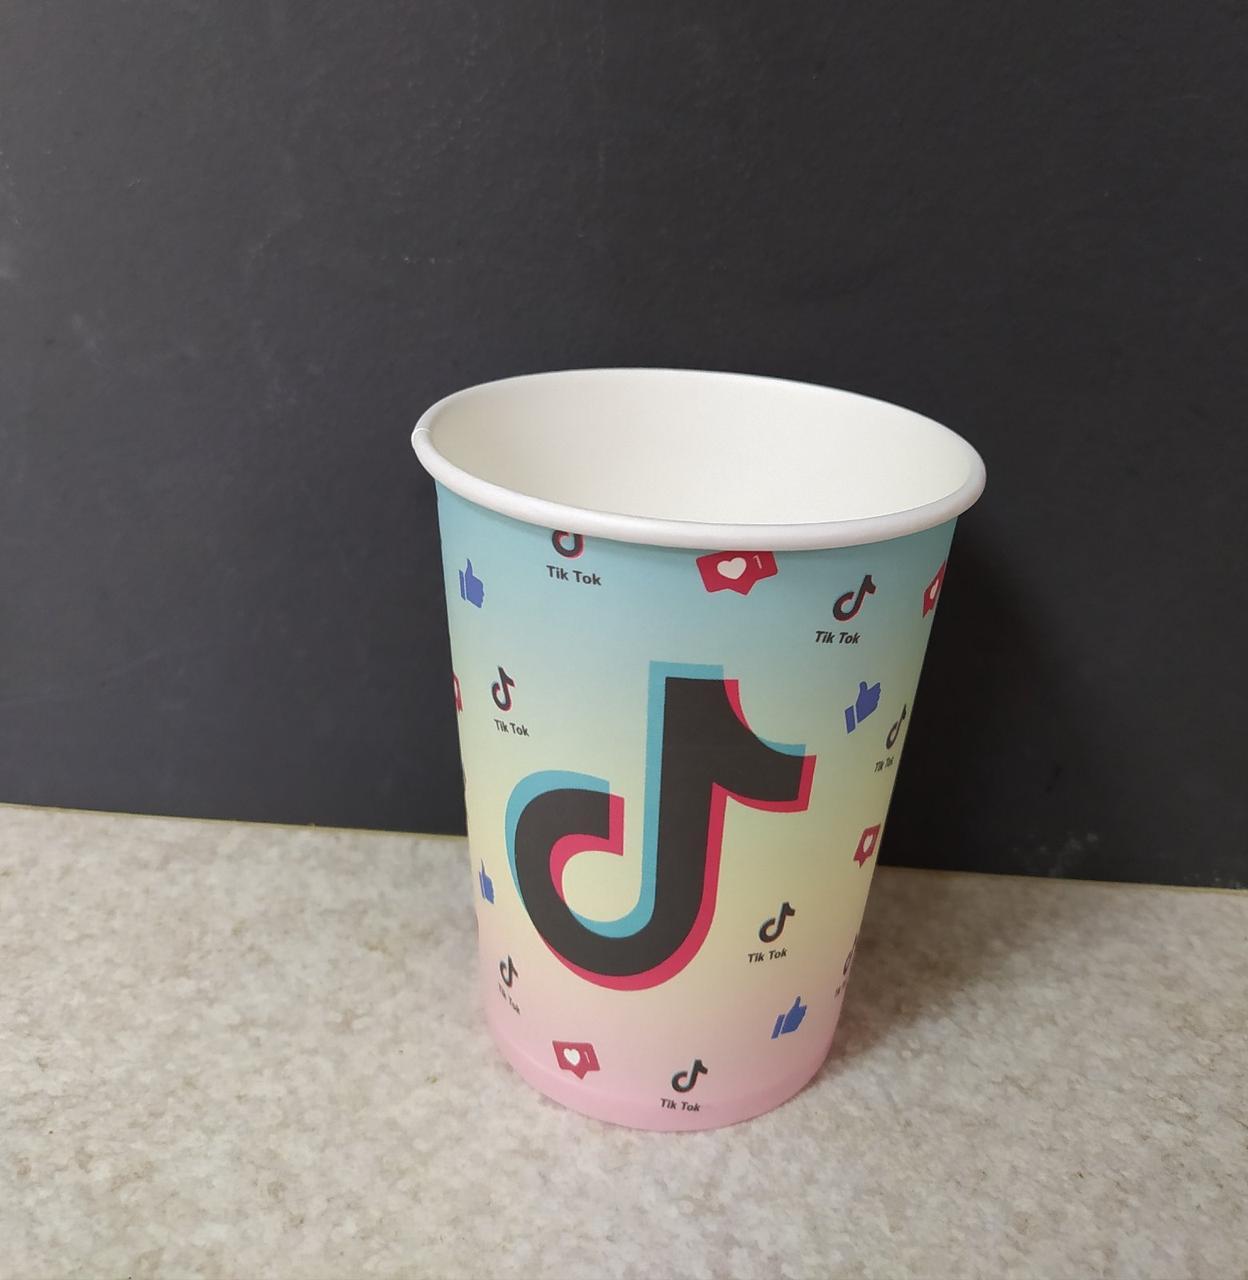 Набір паперових стаканів принт Tik Tok бірюзовий 250мл 5шт.